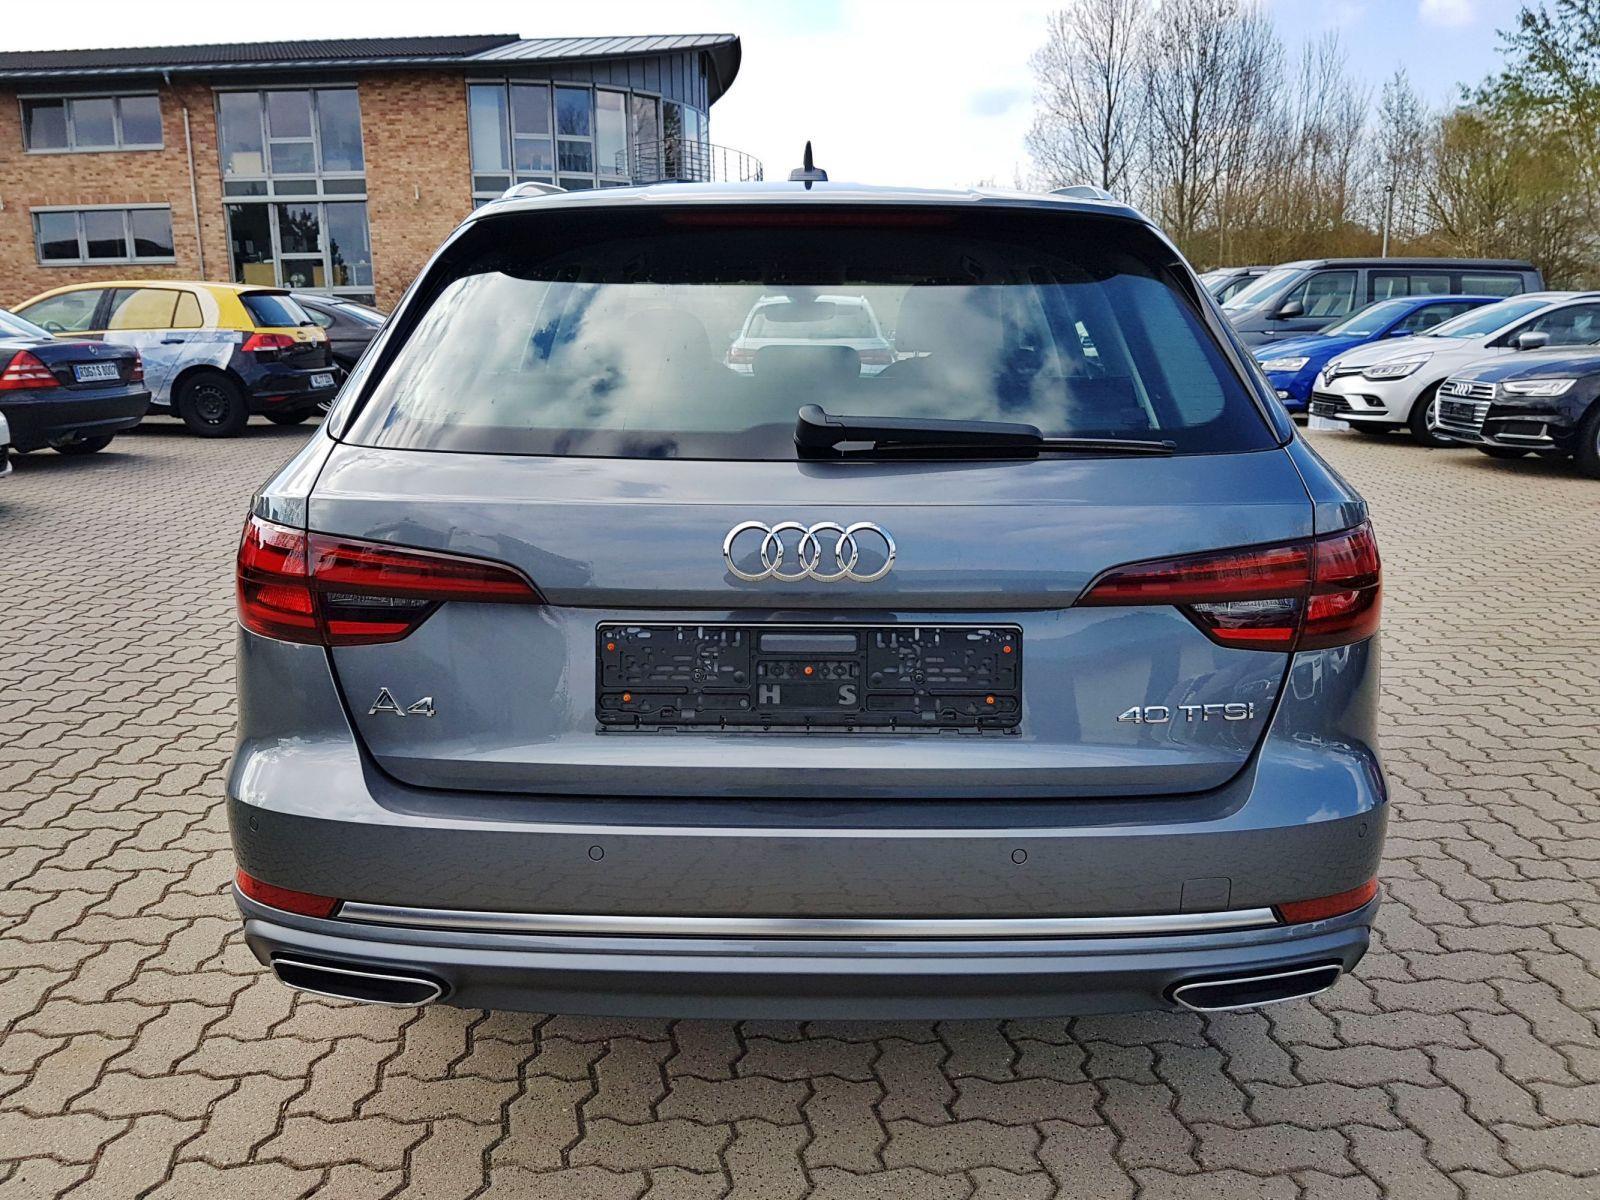 Audi A4 Avant Sport Led Pdc Navi Shz Neuwagen Mit Rabatt Eu